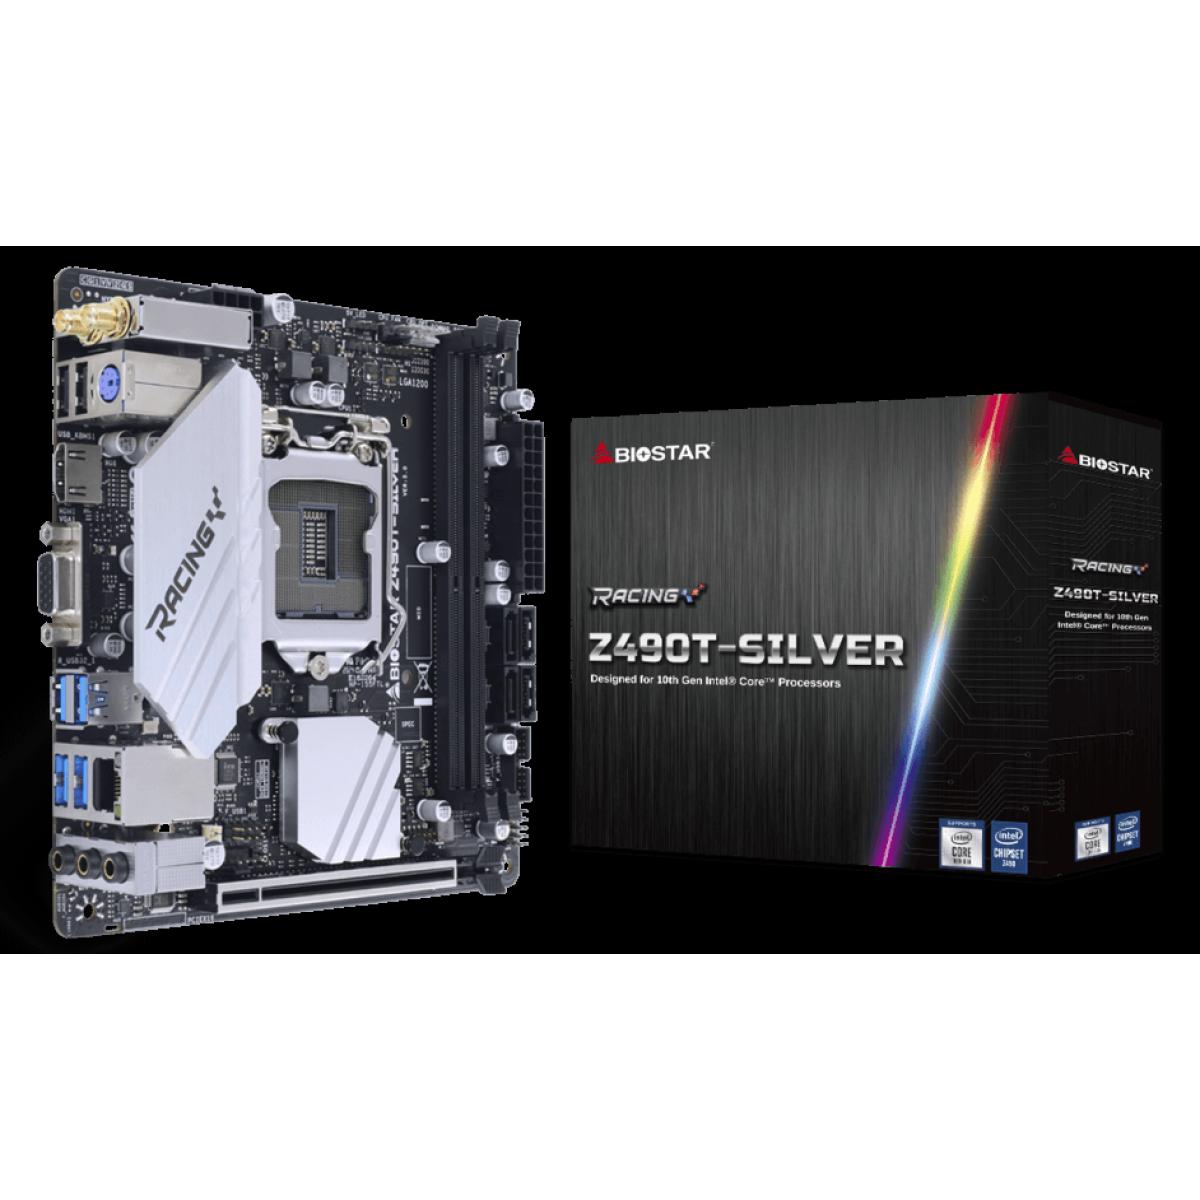 Placa Mãe Biostar Racing Z490T-Silver, Chipset Z490, Intel LGA 1200, Mini-ITX, DDR4, IZ49BIHT-R01-BS210X